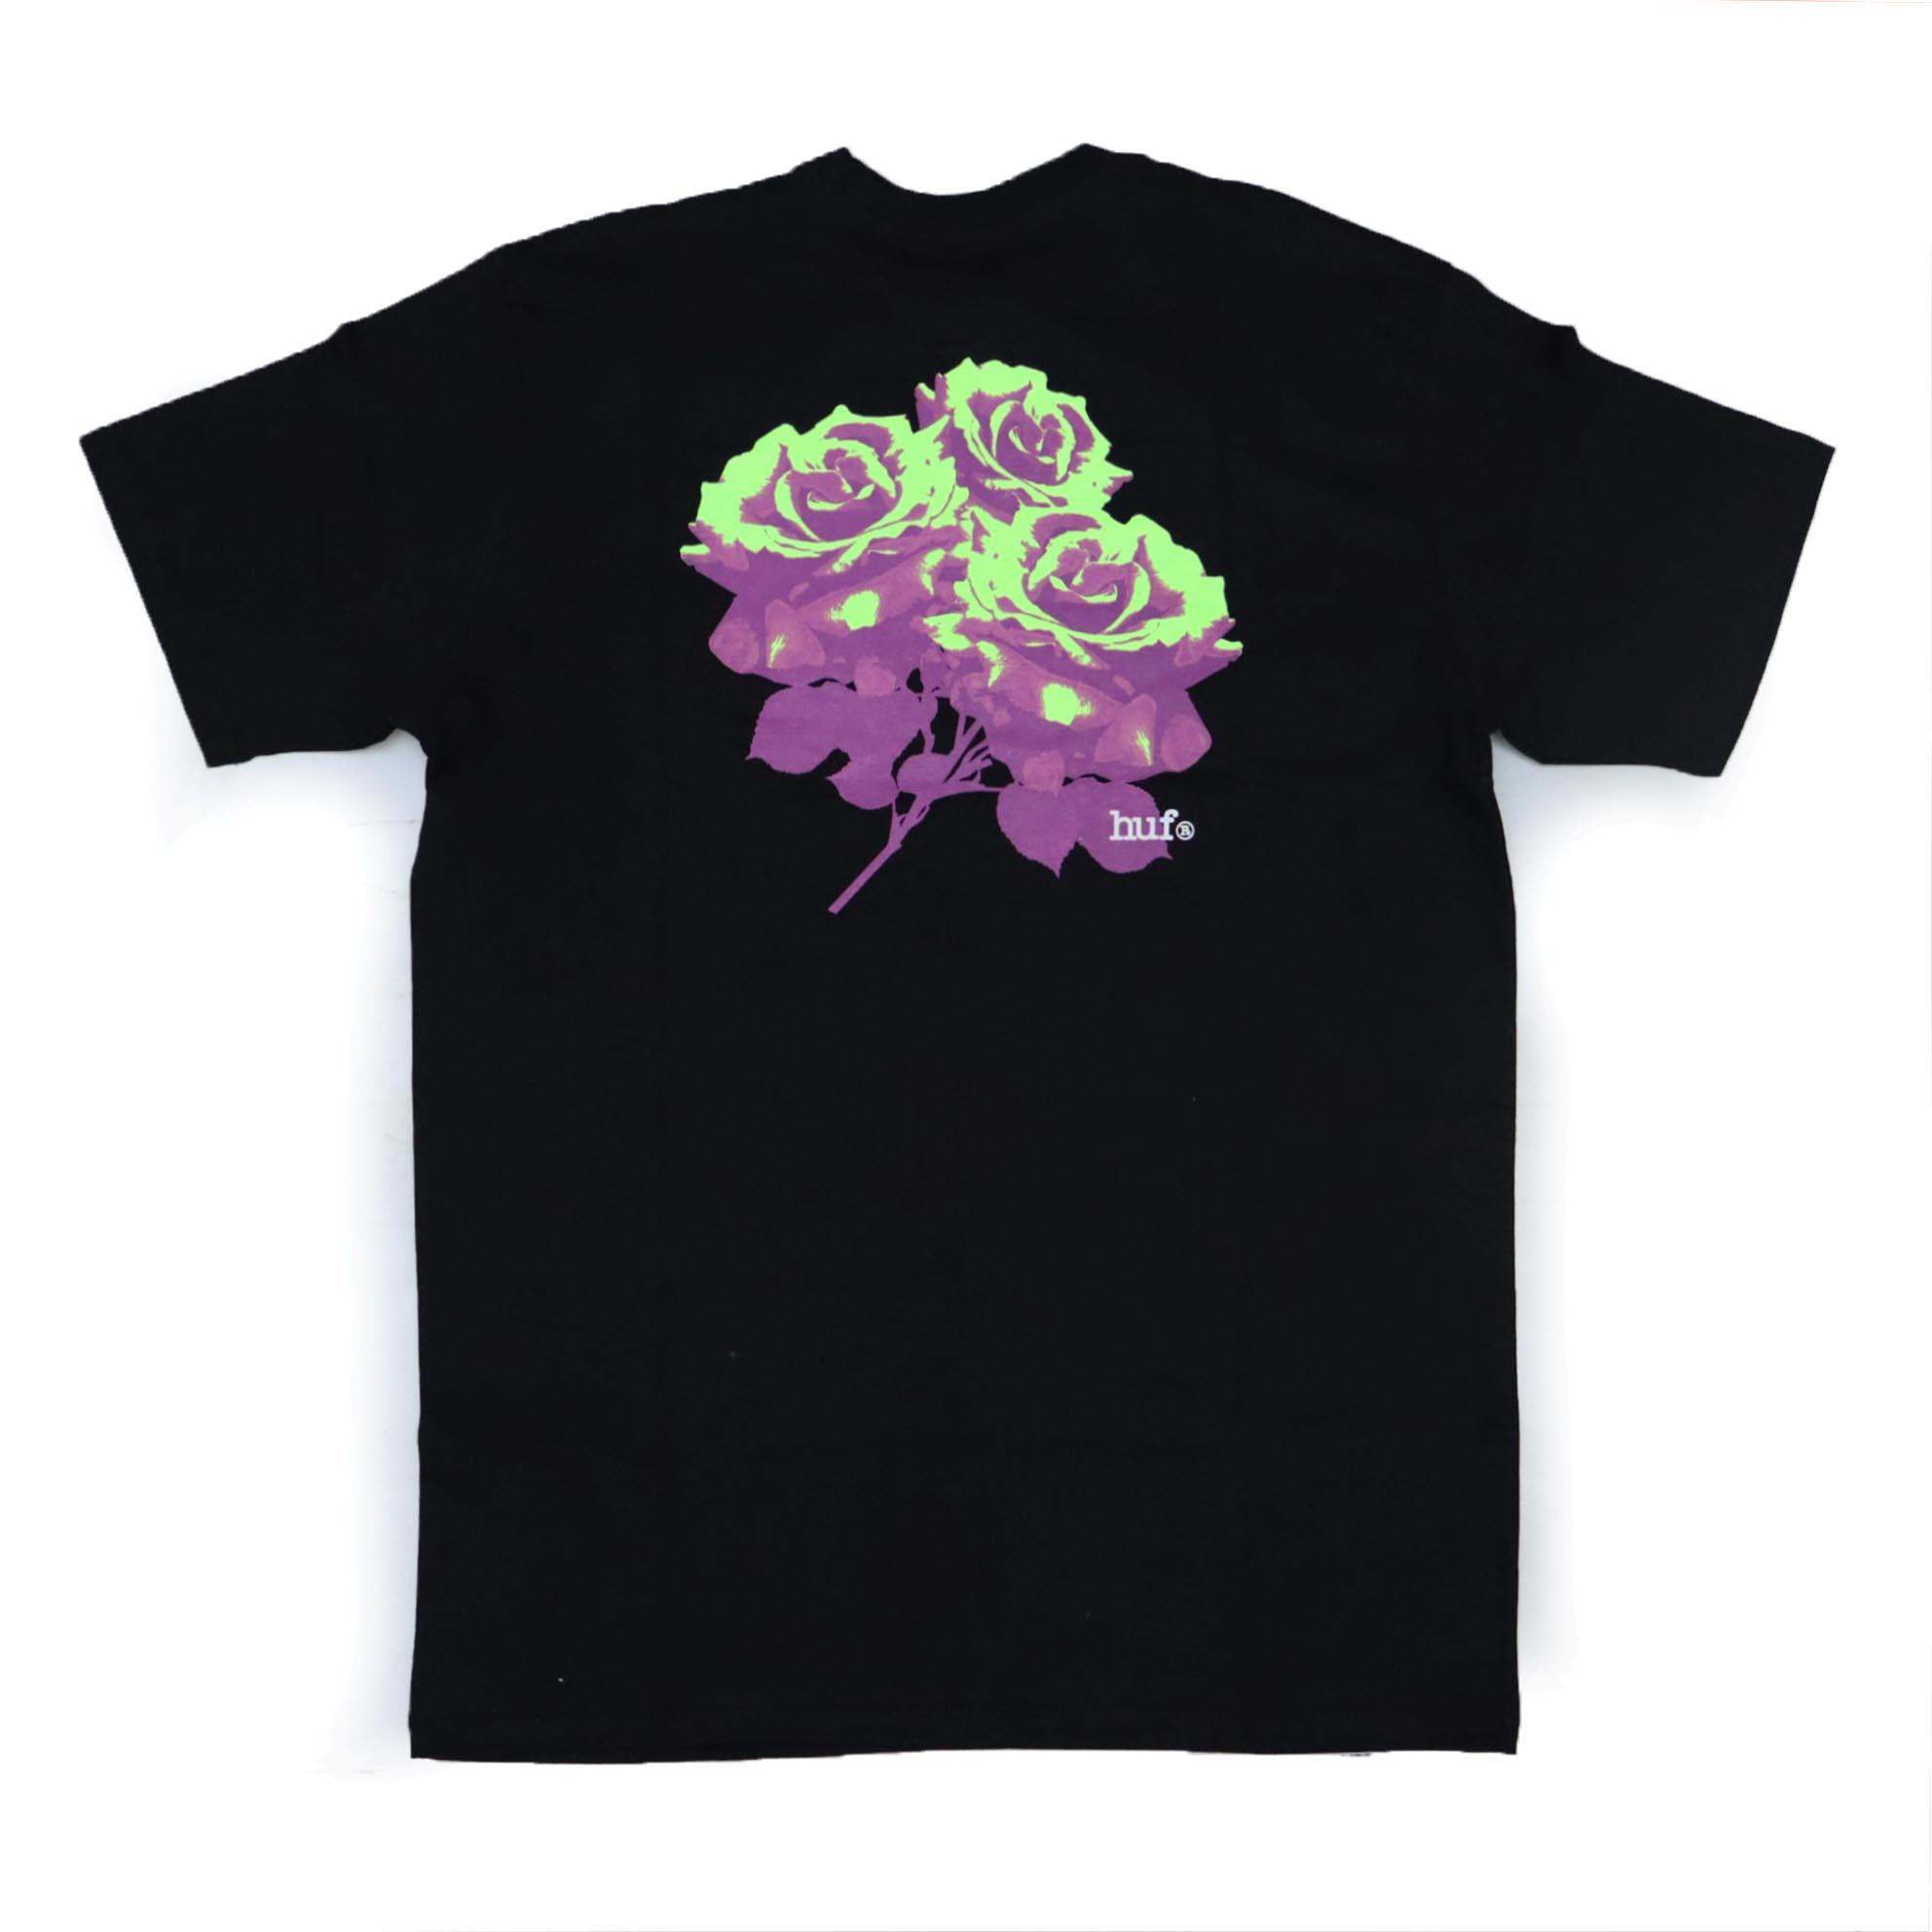 Camiseta HUF Neu Rose - Preto